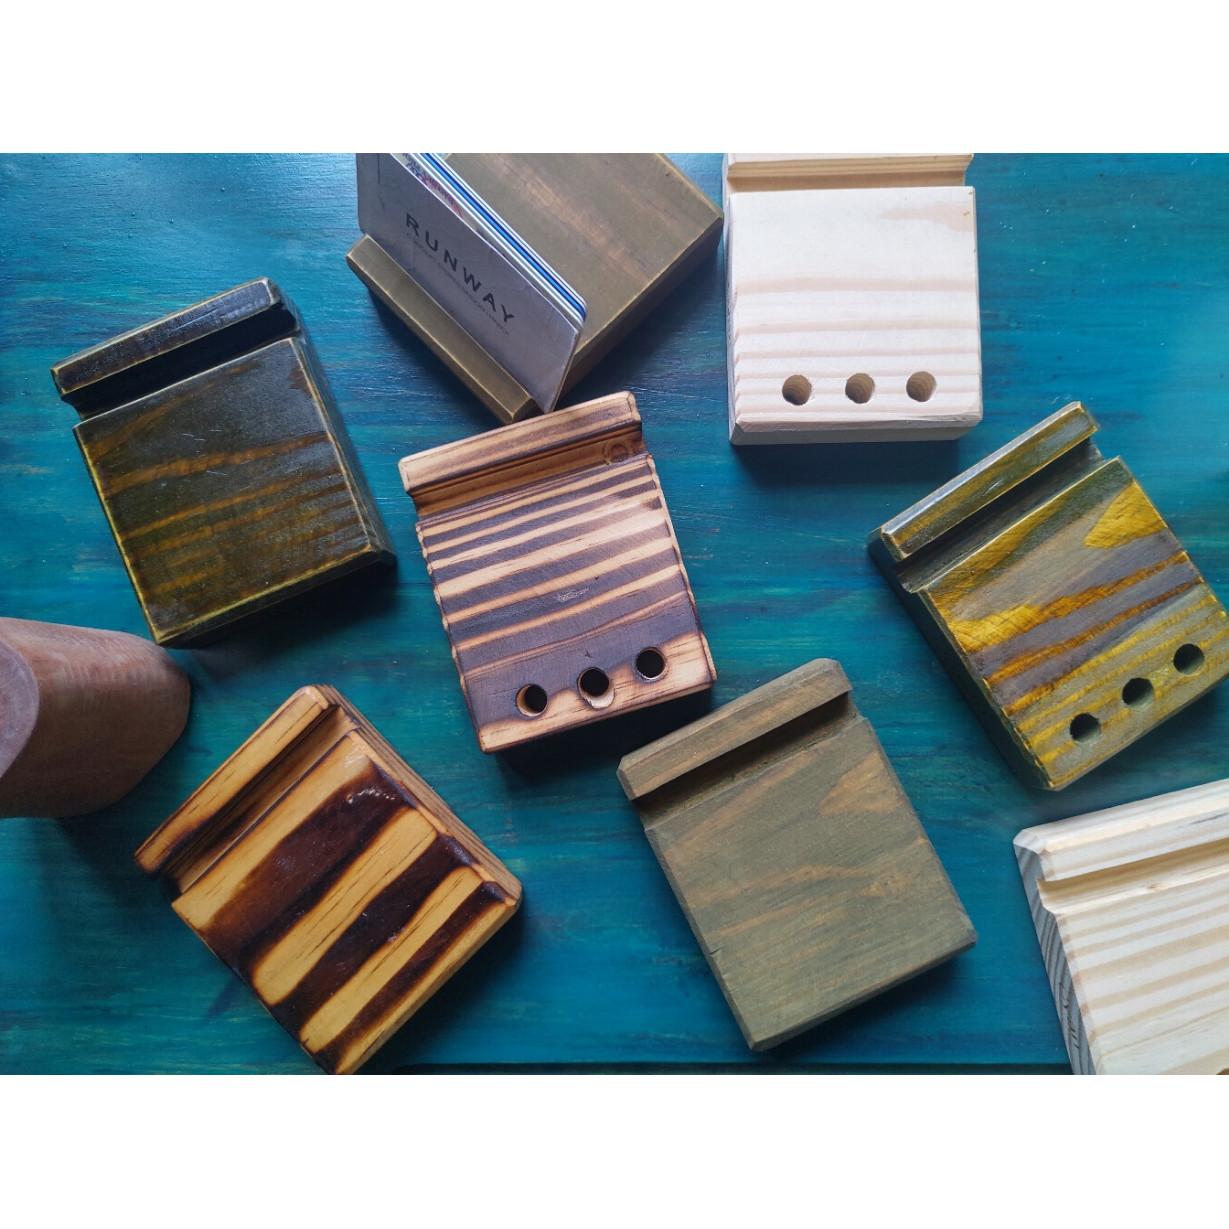 Đế gỗ đa năng đựng card, bút, điện thoại